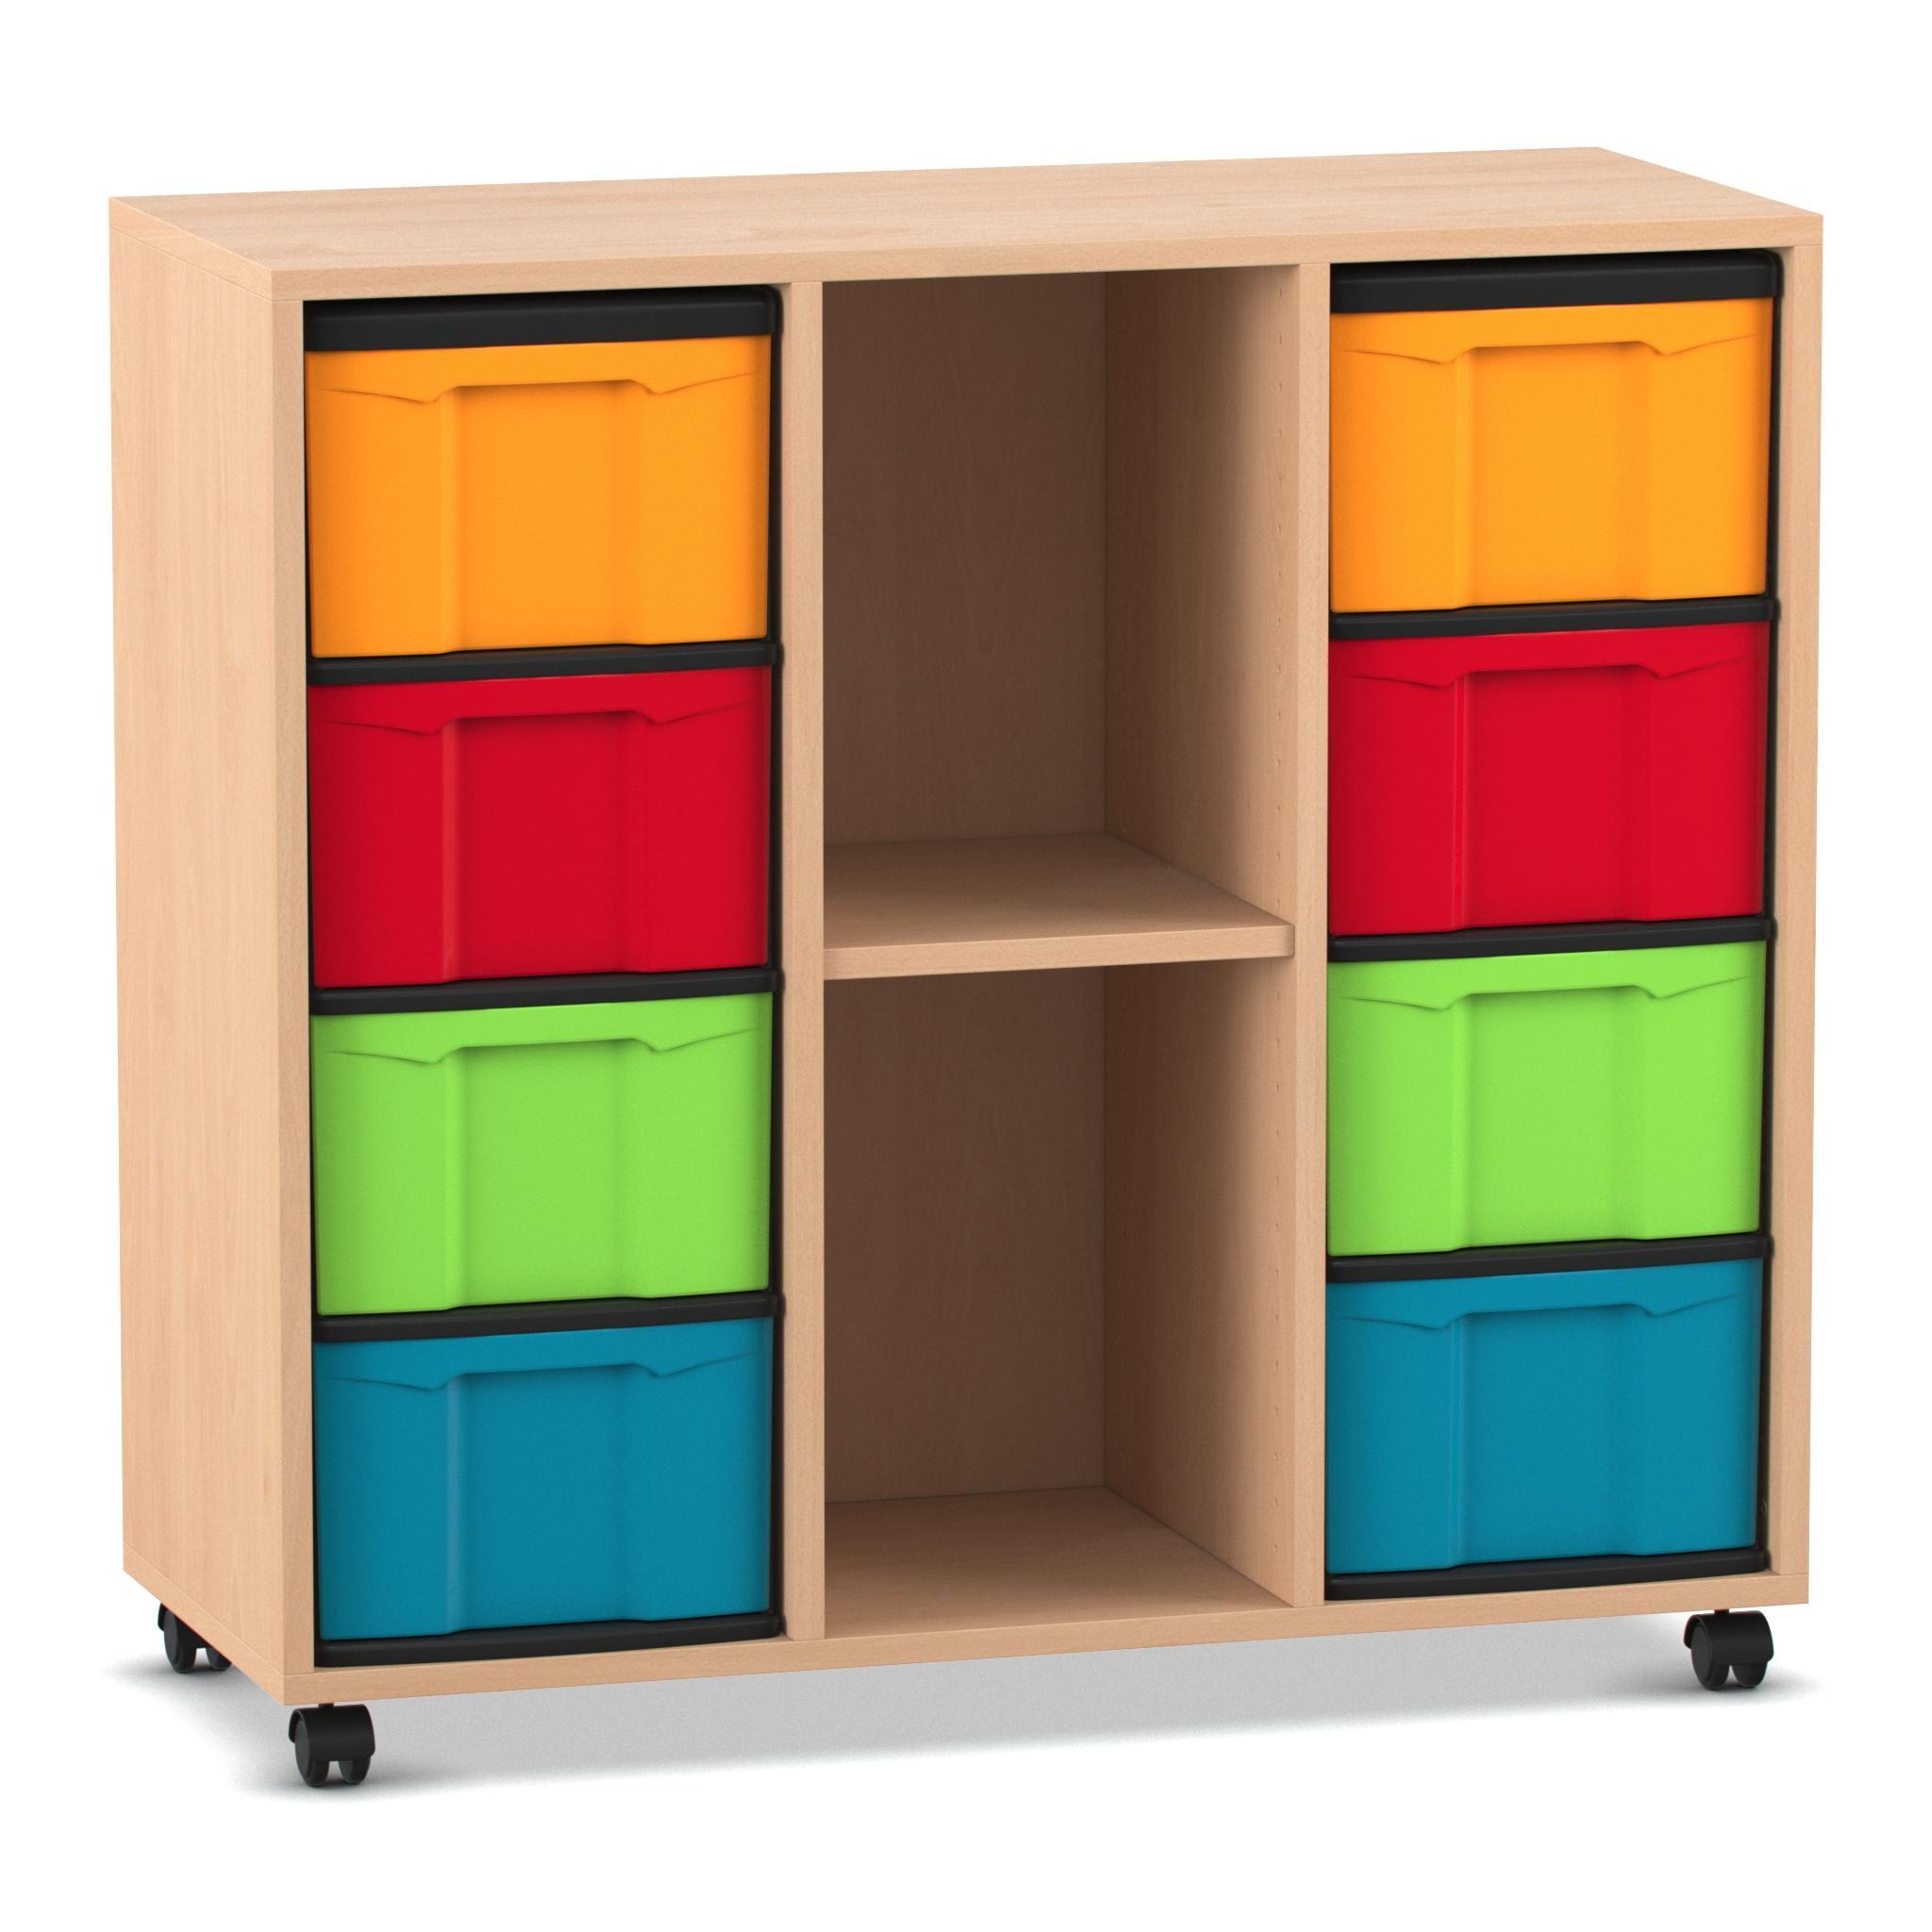 Flexeo Regal mit 2 Reihen, 3 Fächern und 8 kleinen Boxen